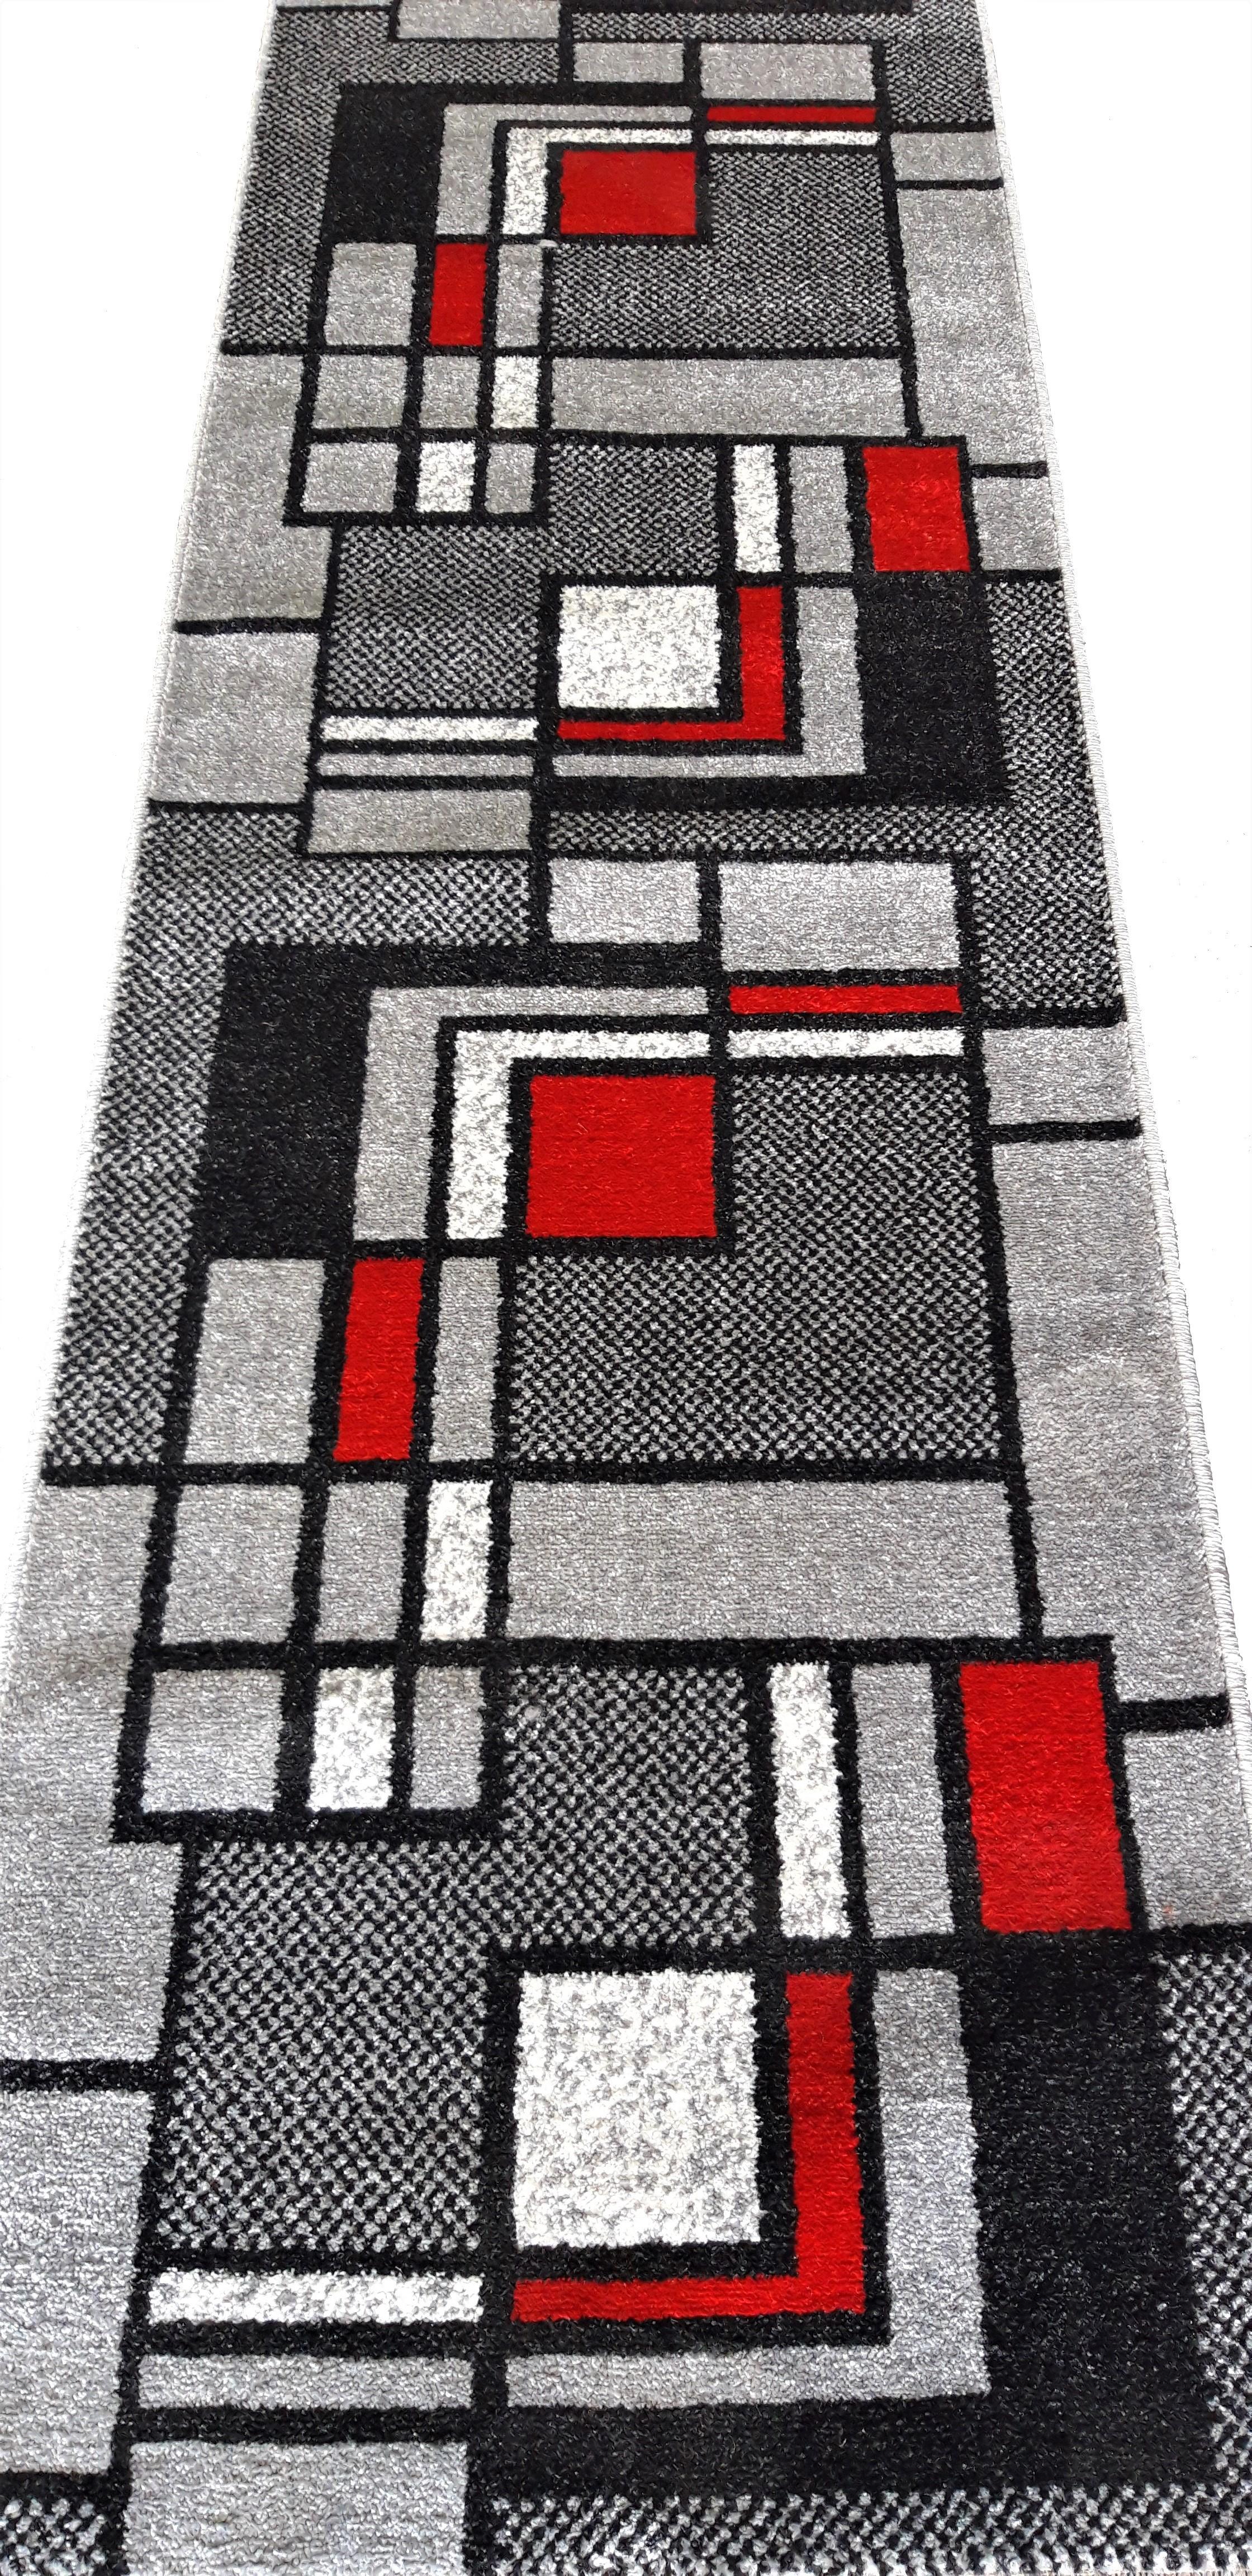 Traversa Covor, Cappuccino 16406, Multicolor, 80x400 cm, 1700 gr/mp, 0.8x4 m. 0